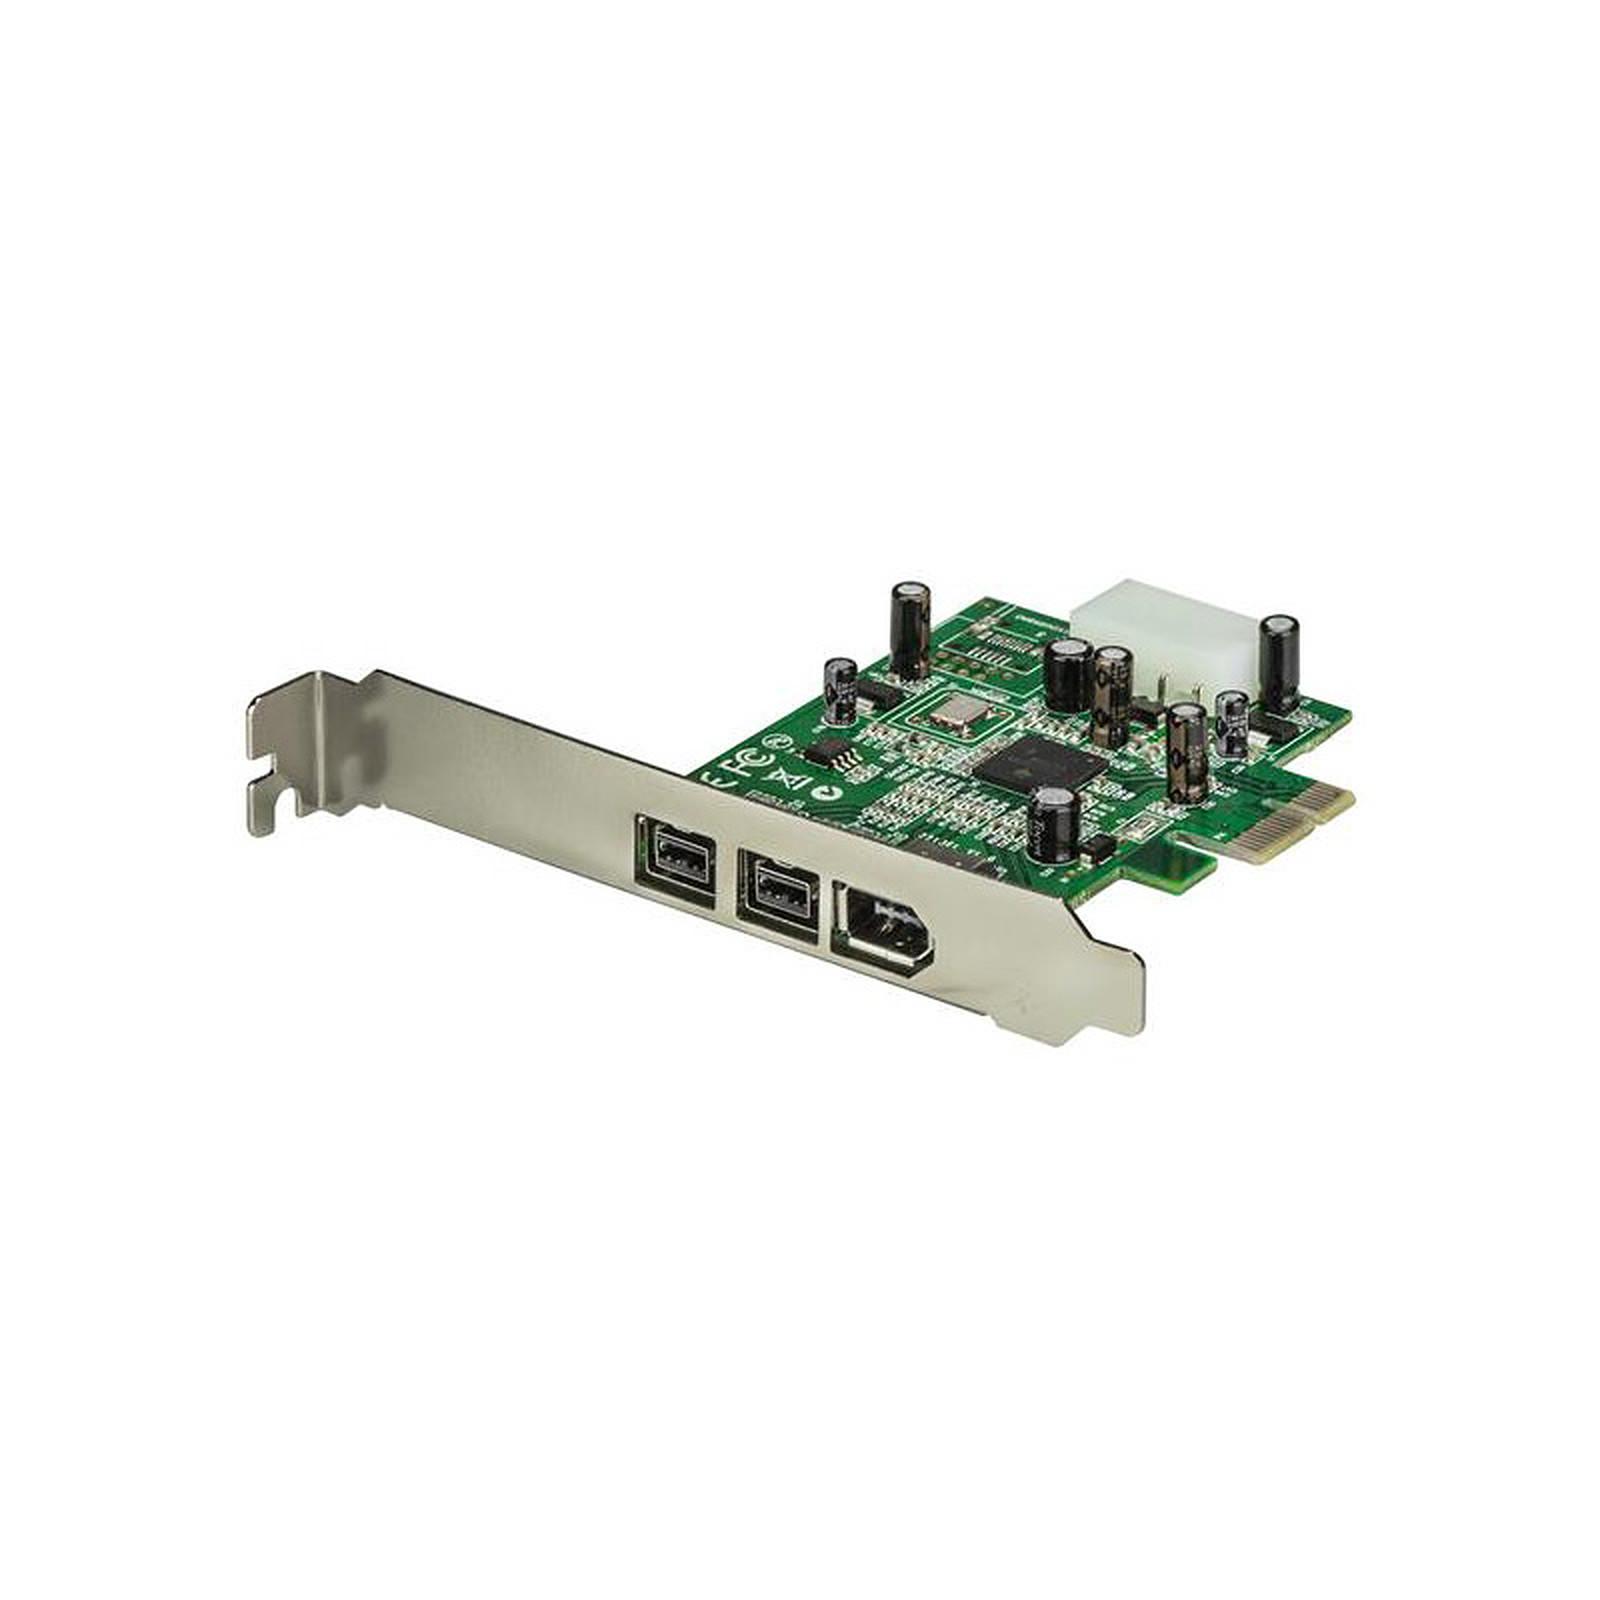 StarTech.com PEX1394B3